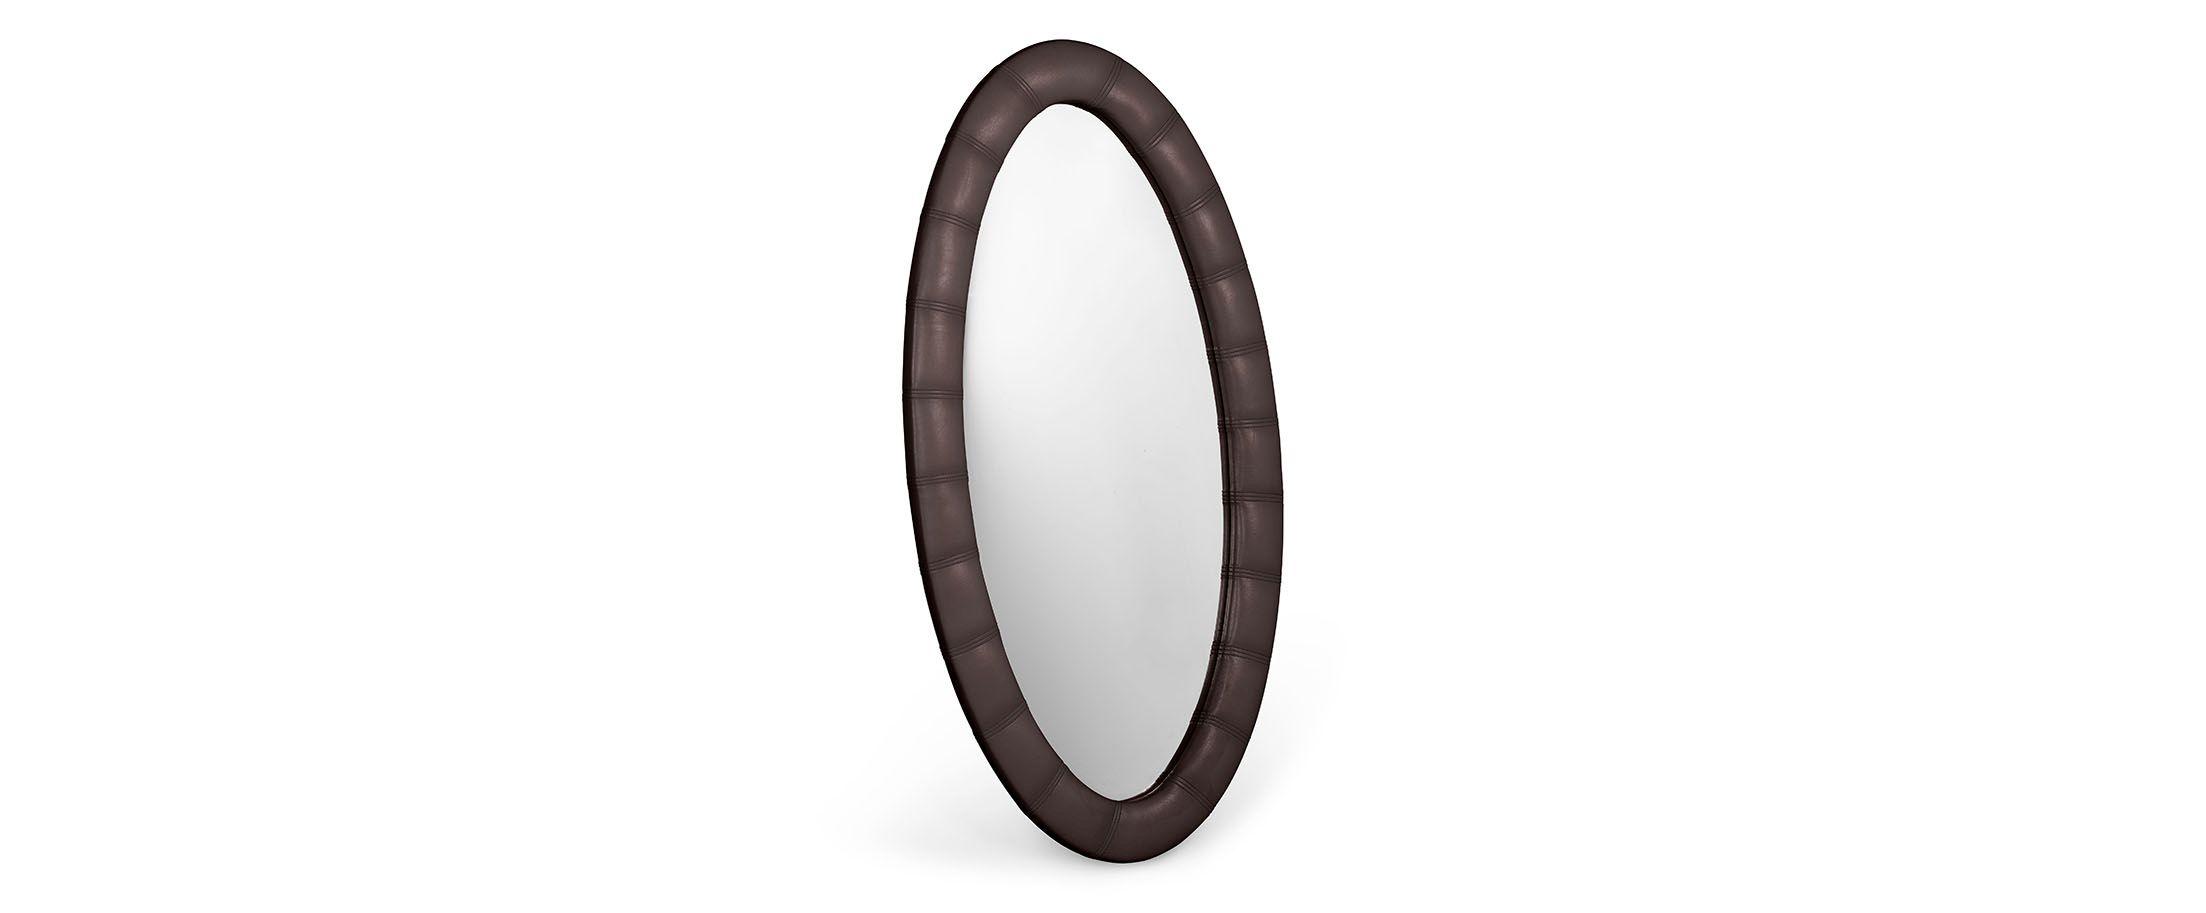 Зеркало Люнетта кофе от MOON TRADE